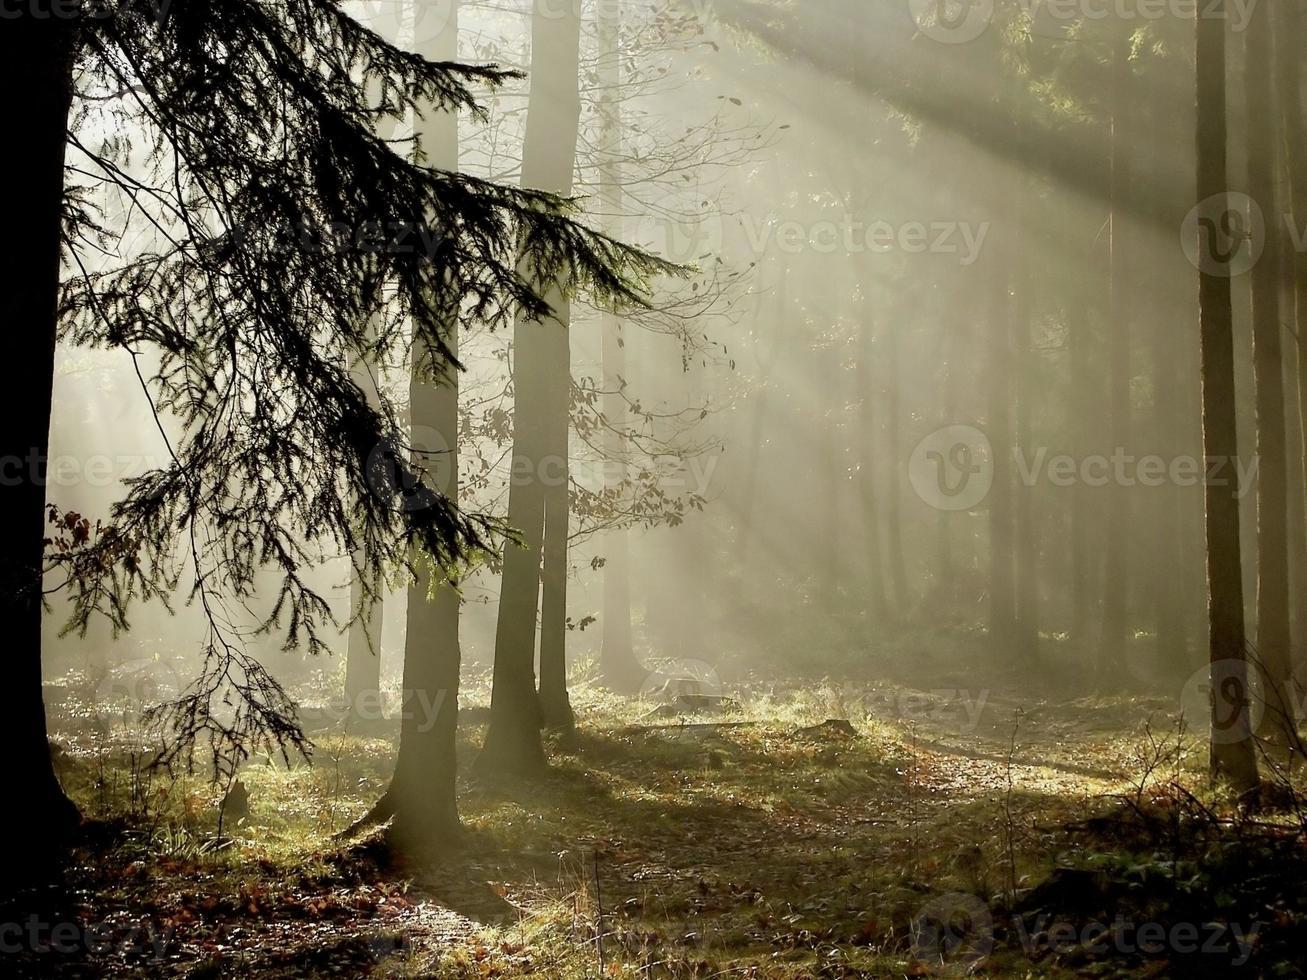 Blick auf Nadelwald im Morgengrauen mit durchscheinendem Licht foto